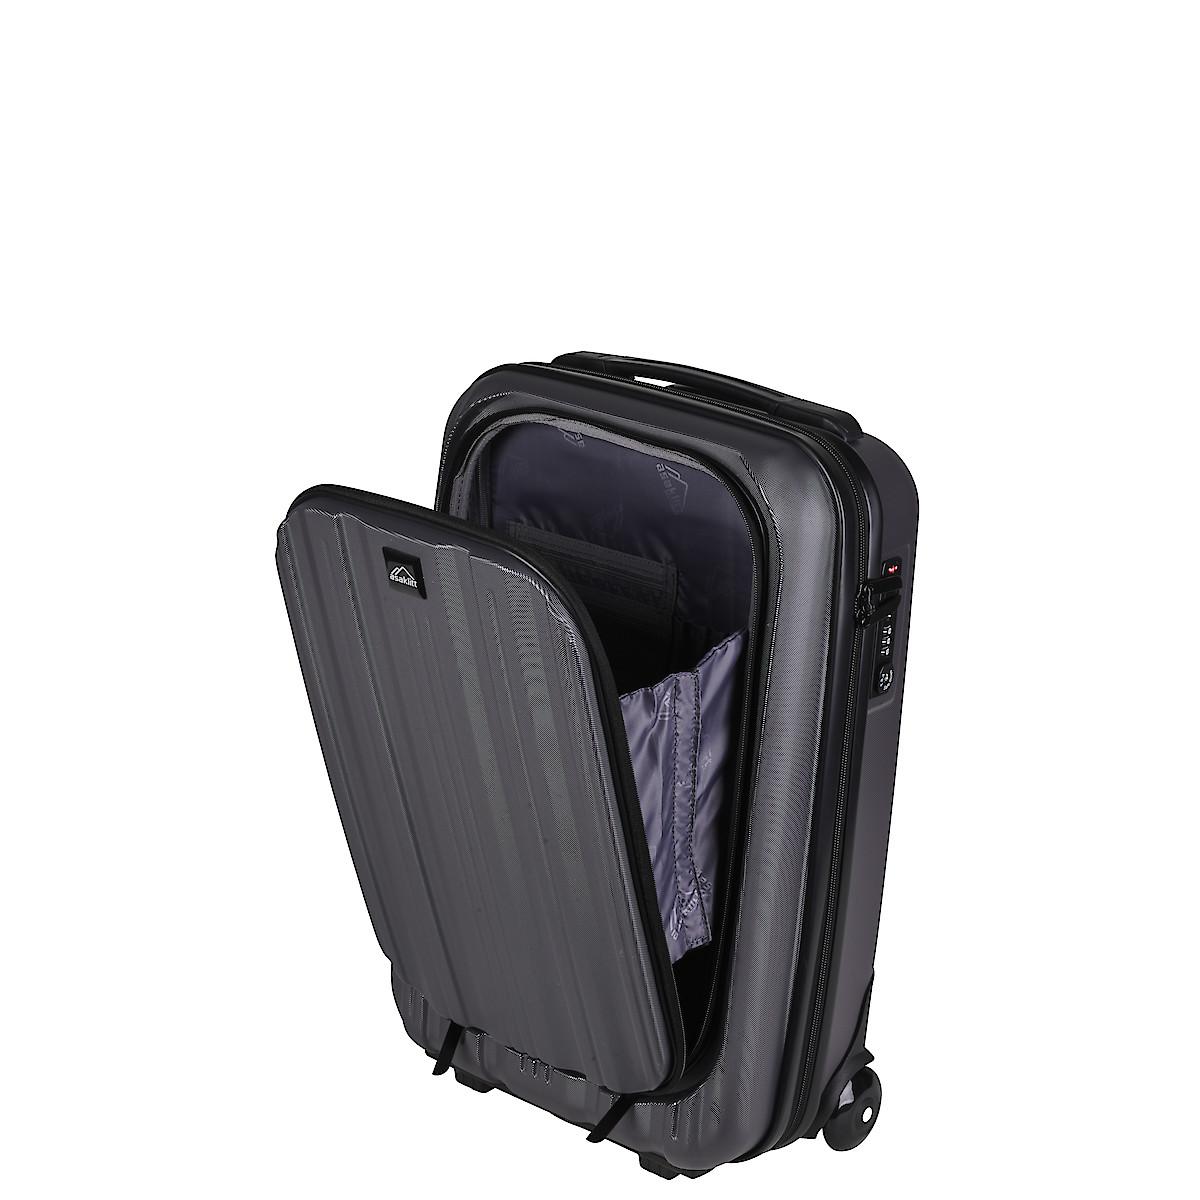 Resväska kabin Asaklitt, 32 l